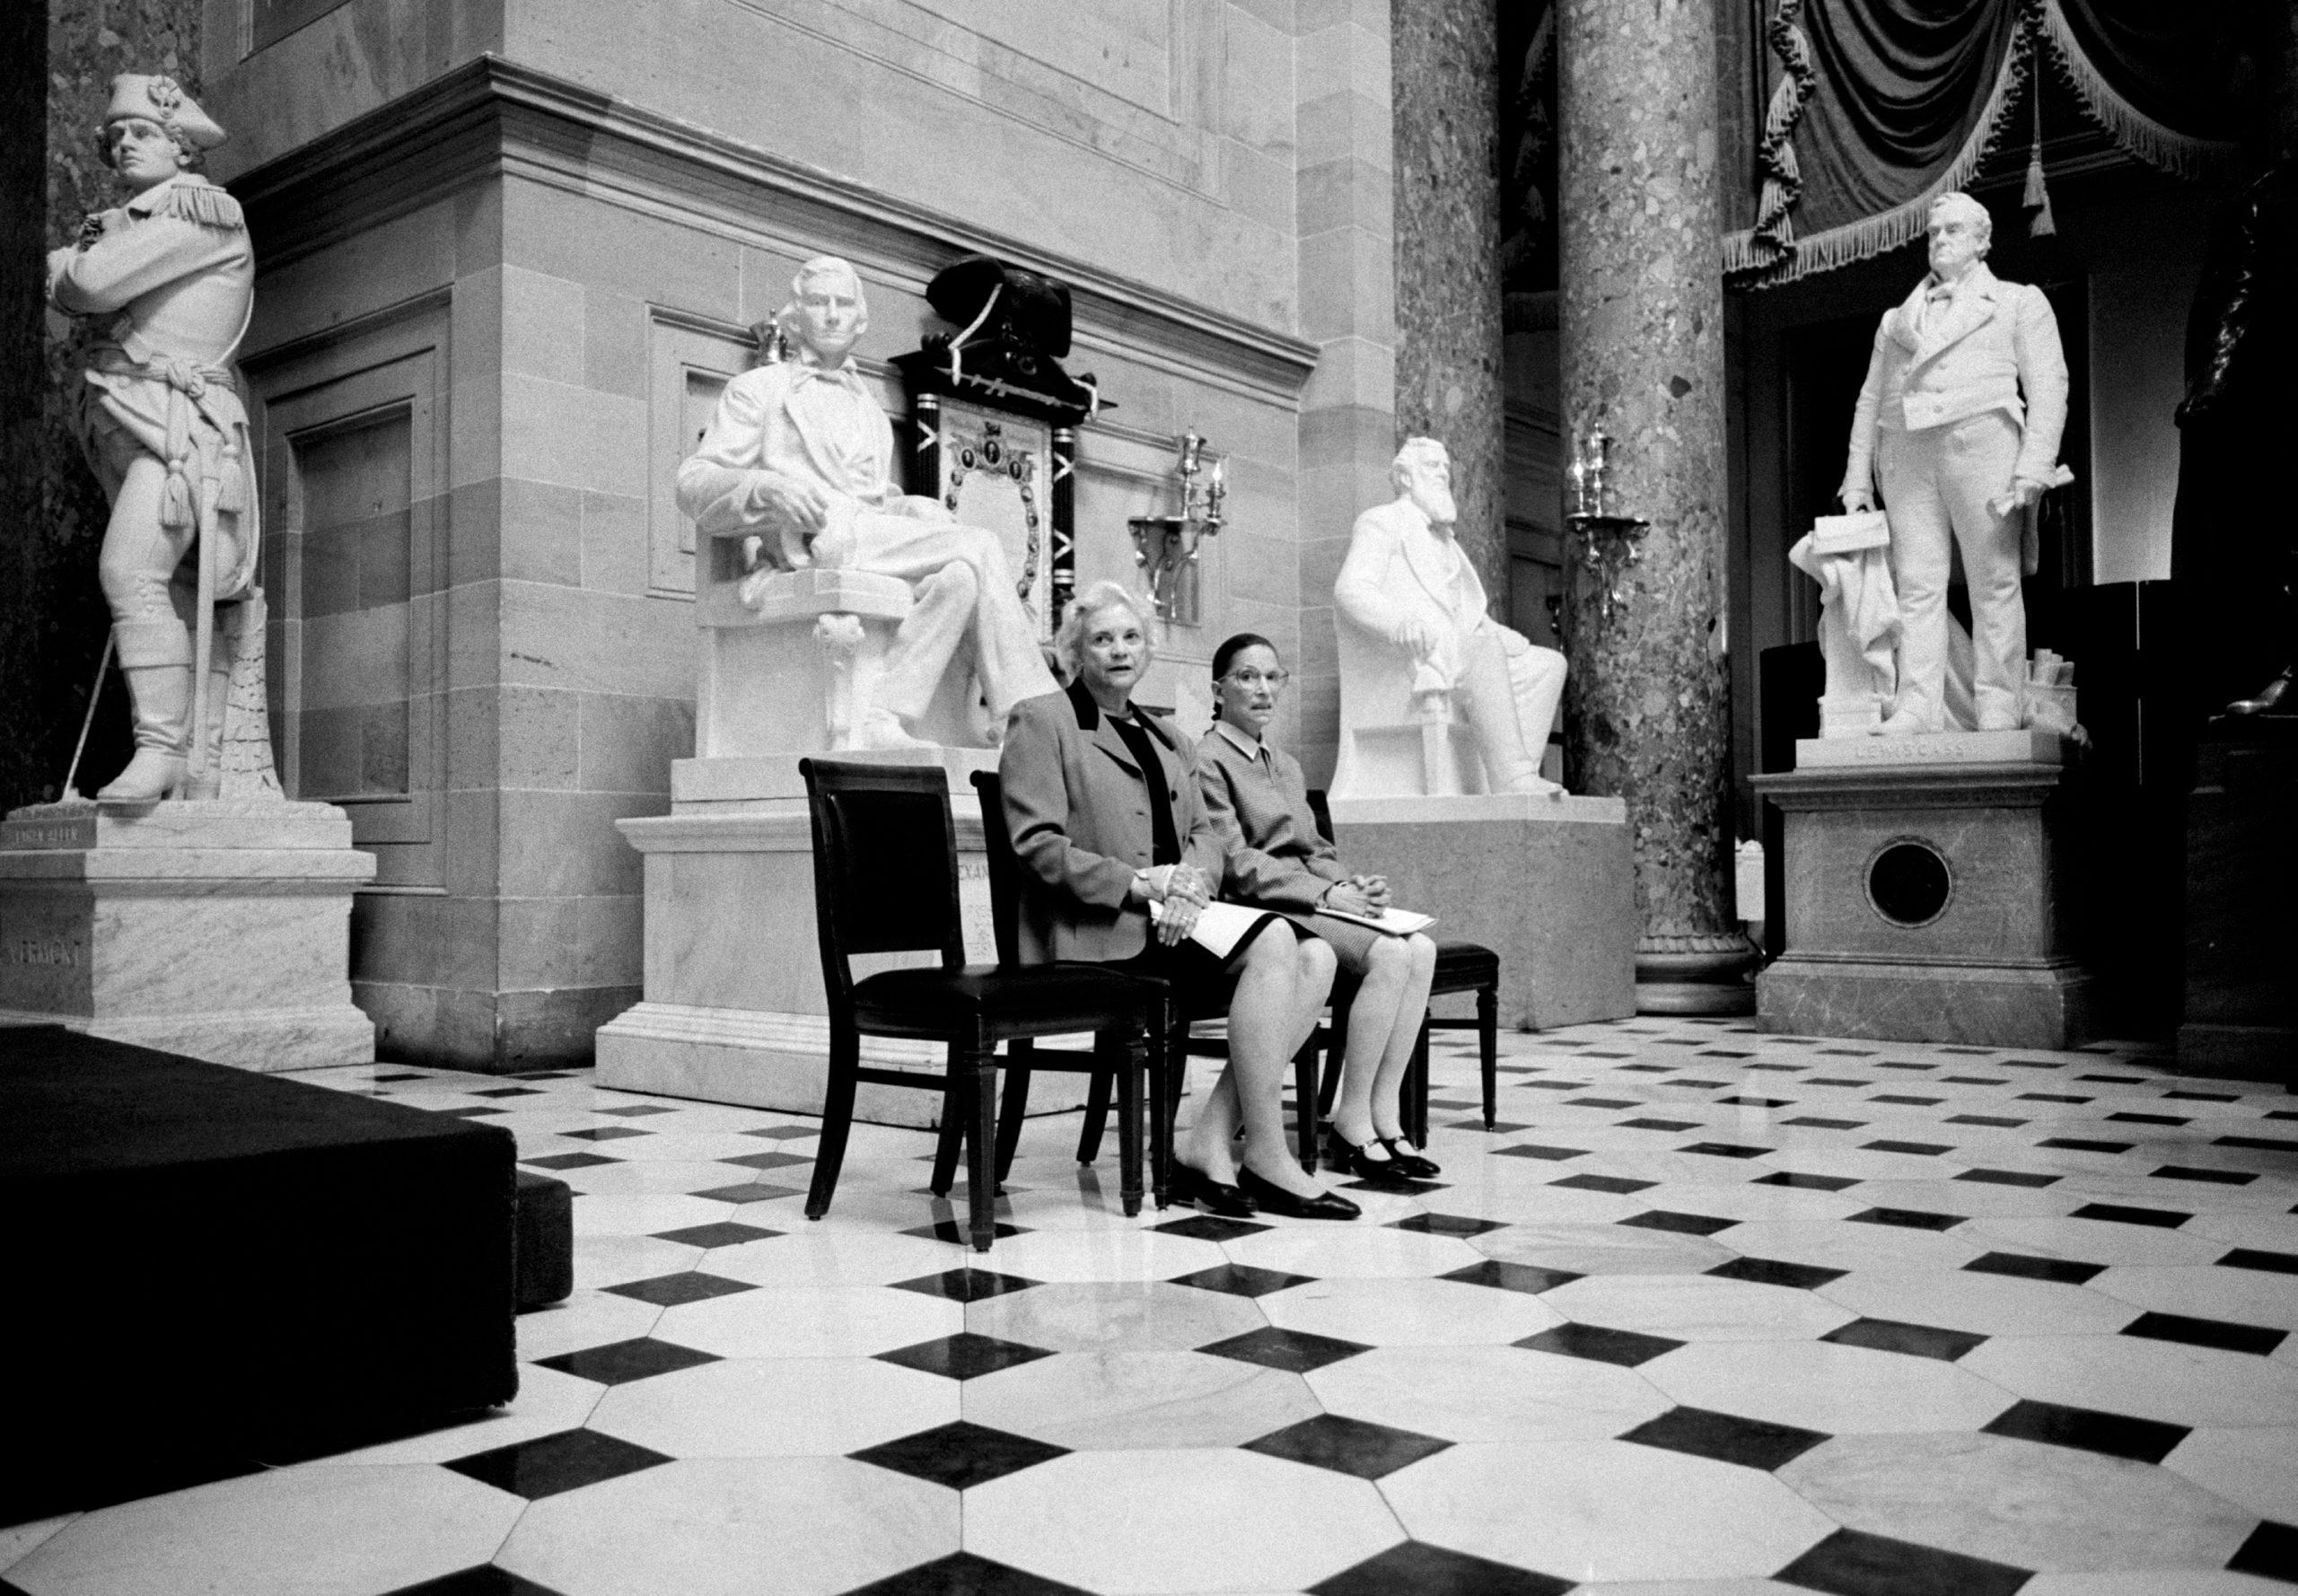 U.S. Supreme Court: Behind the Scenes